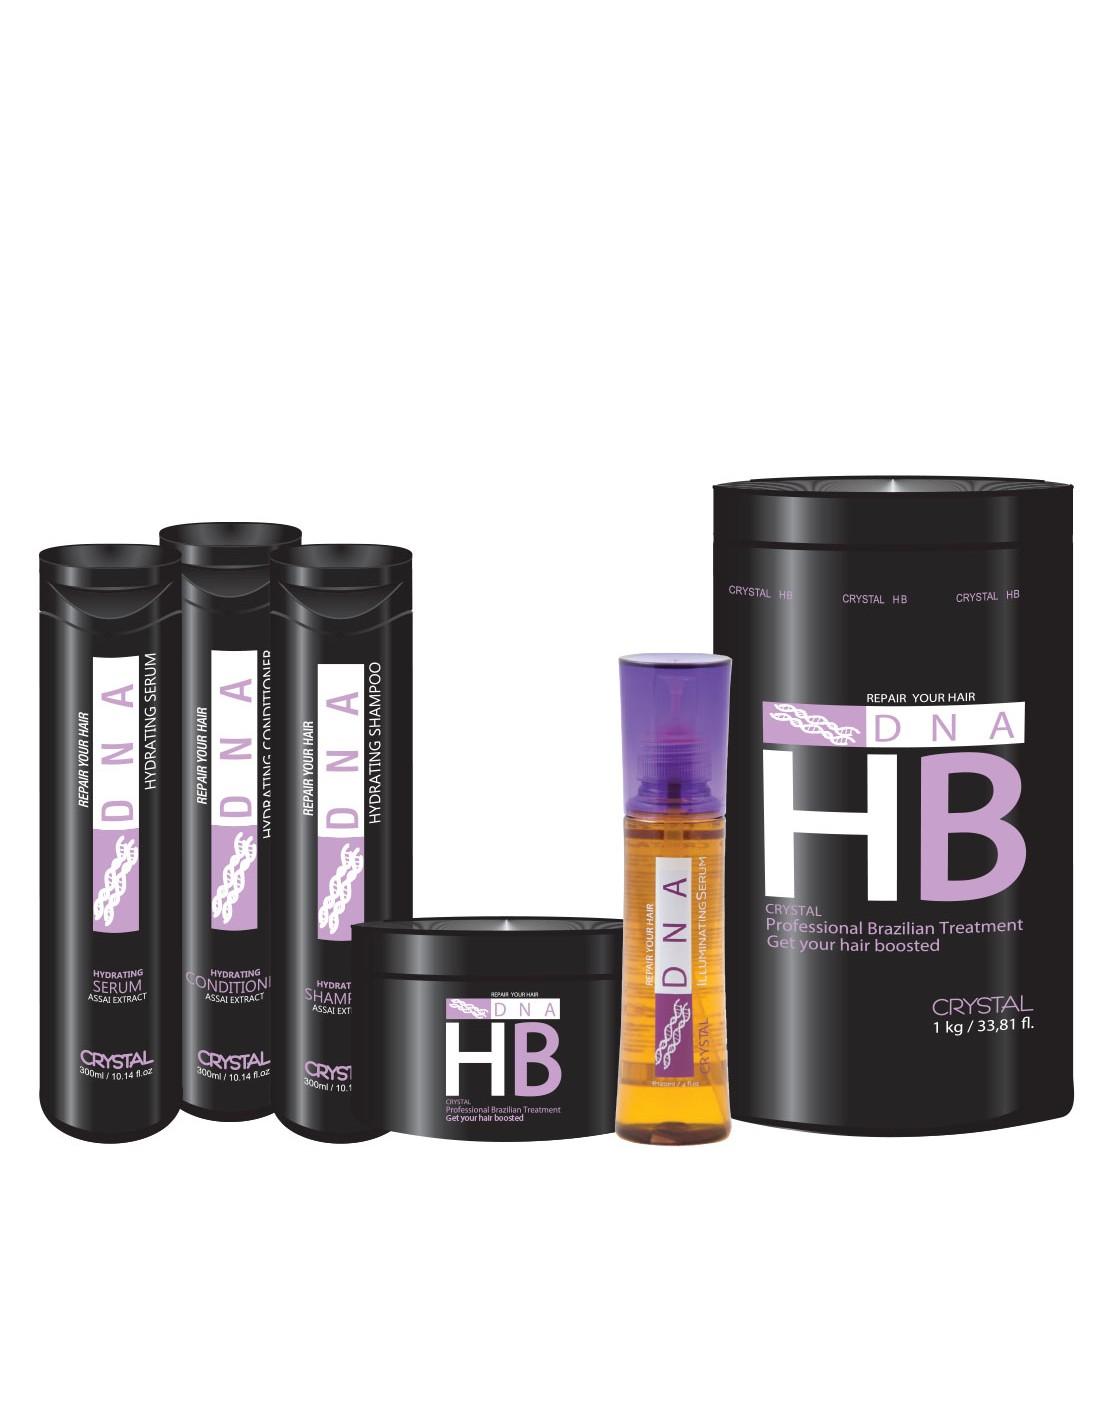 Crystal dna hb full set (1kg treatment)